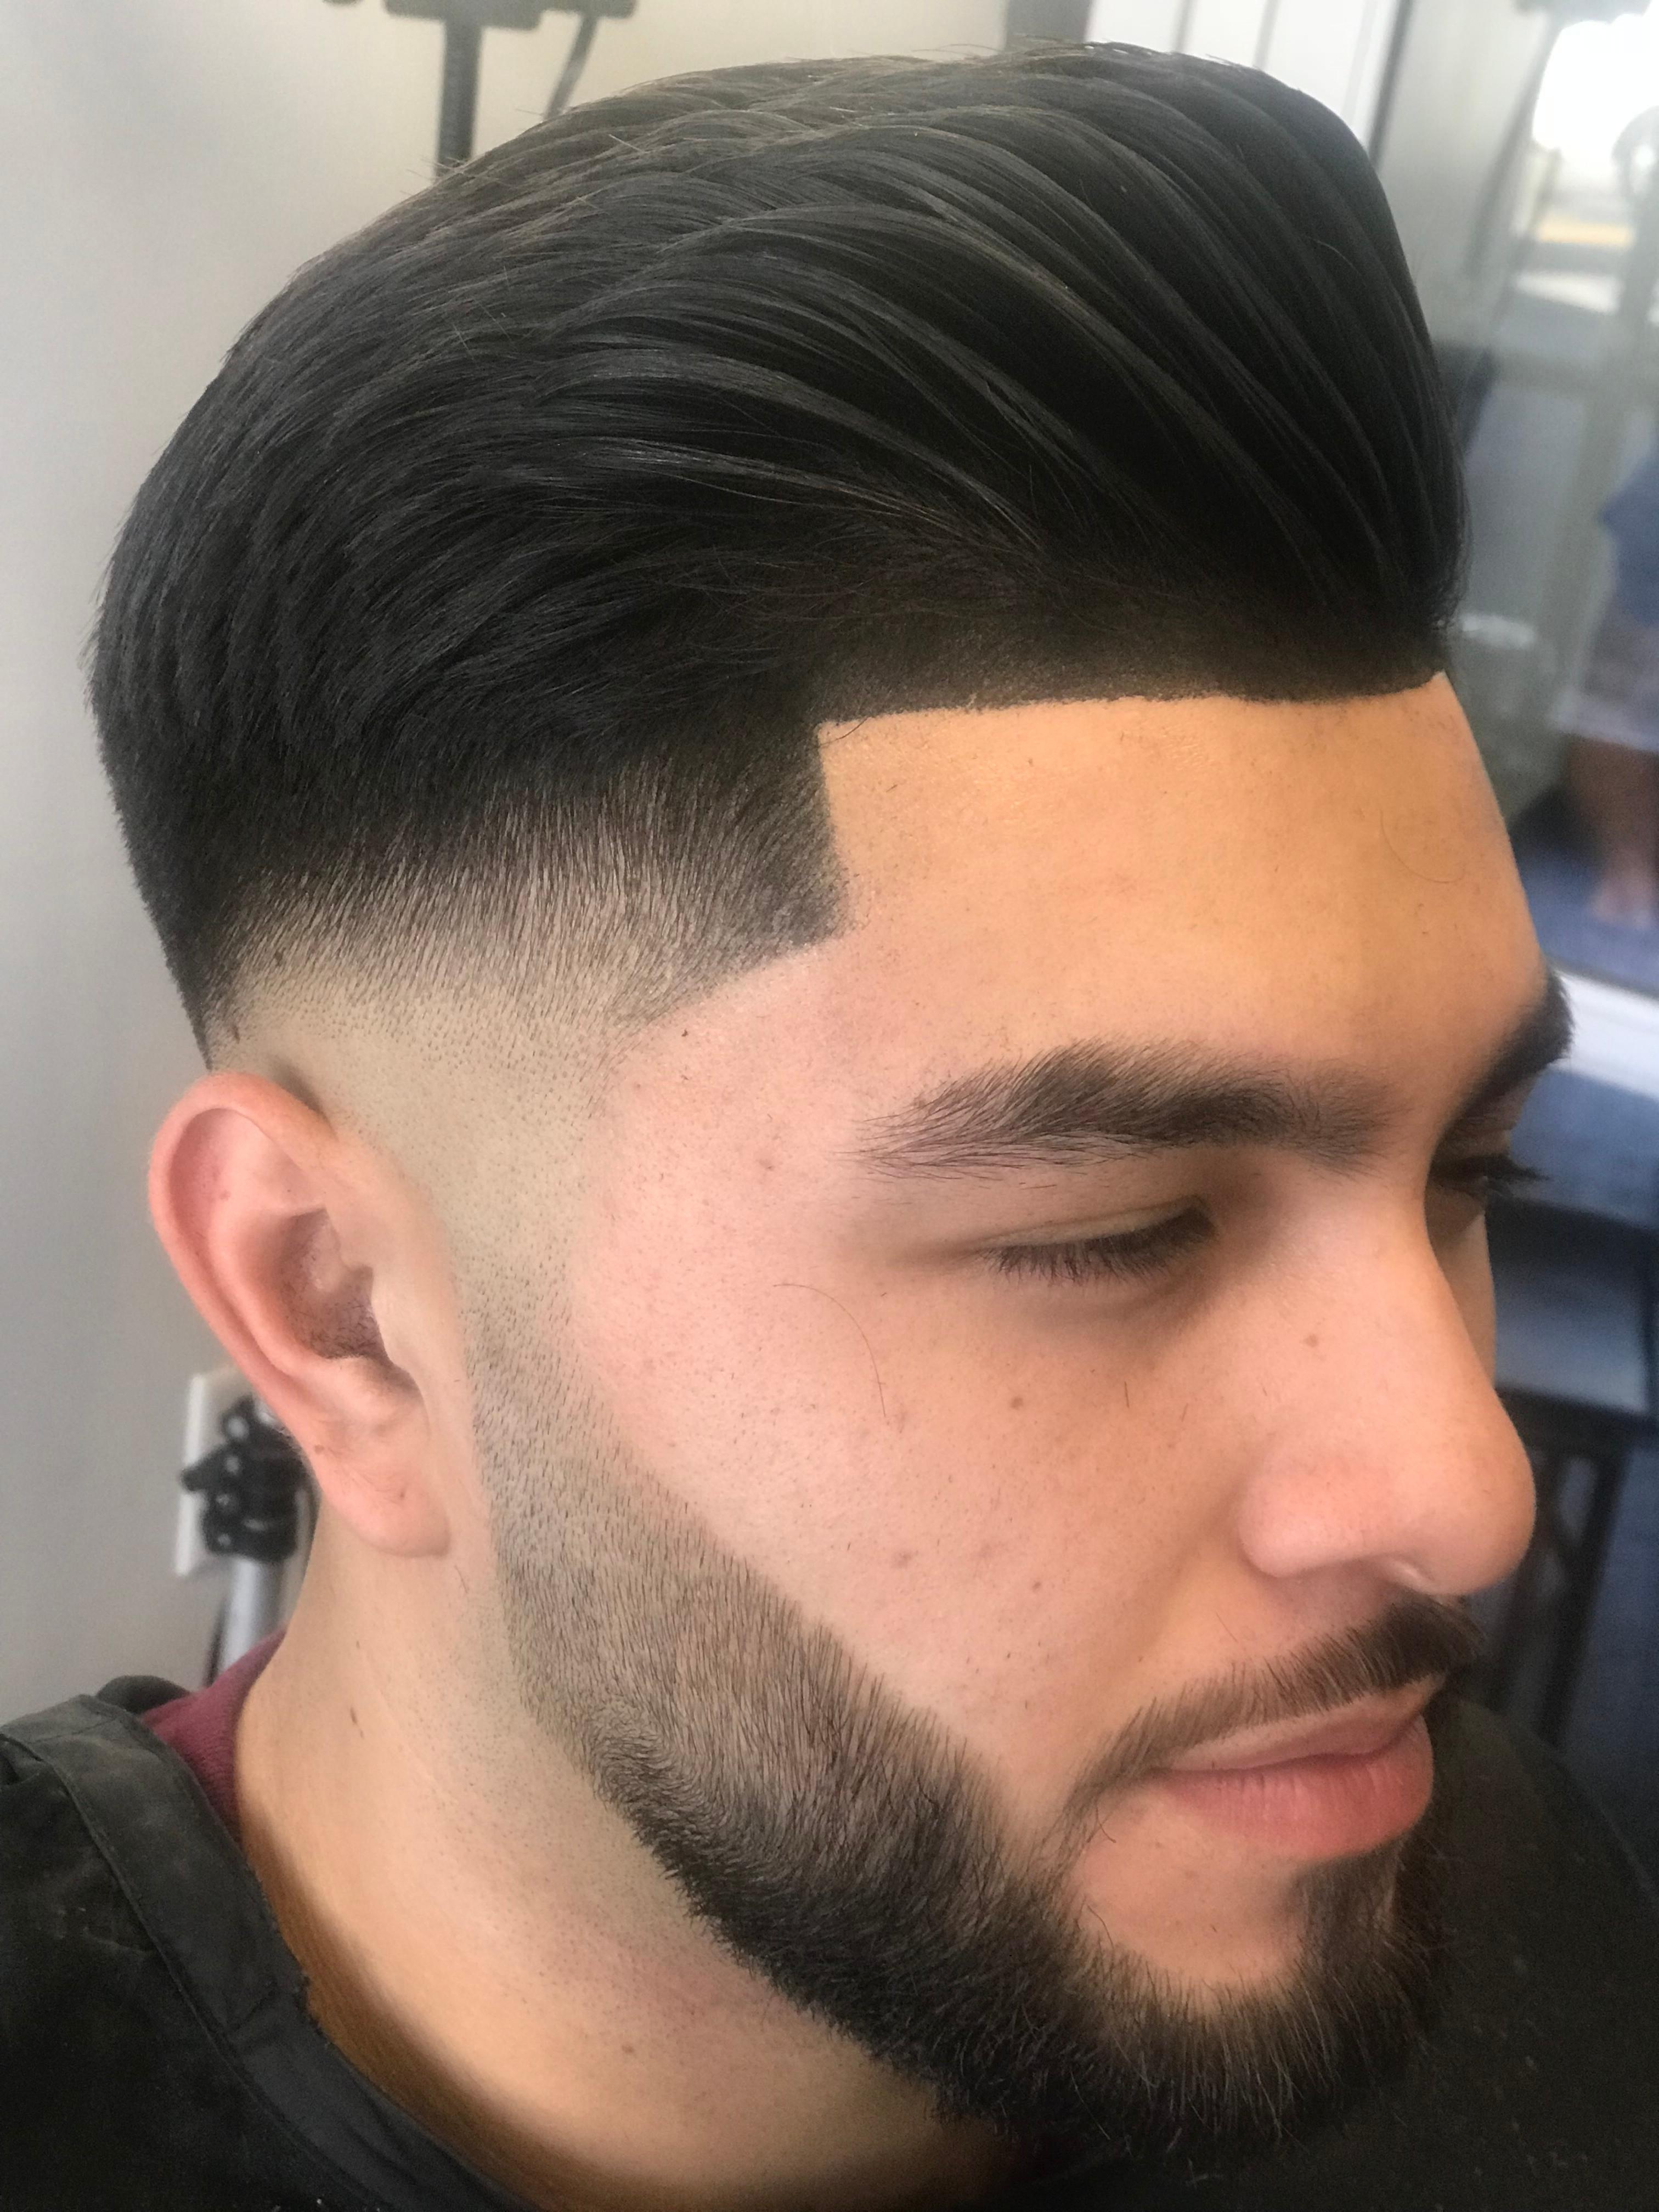 Color Top of Head